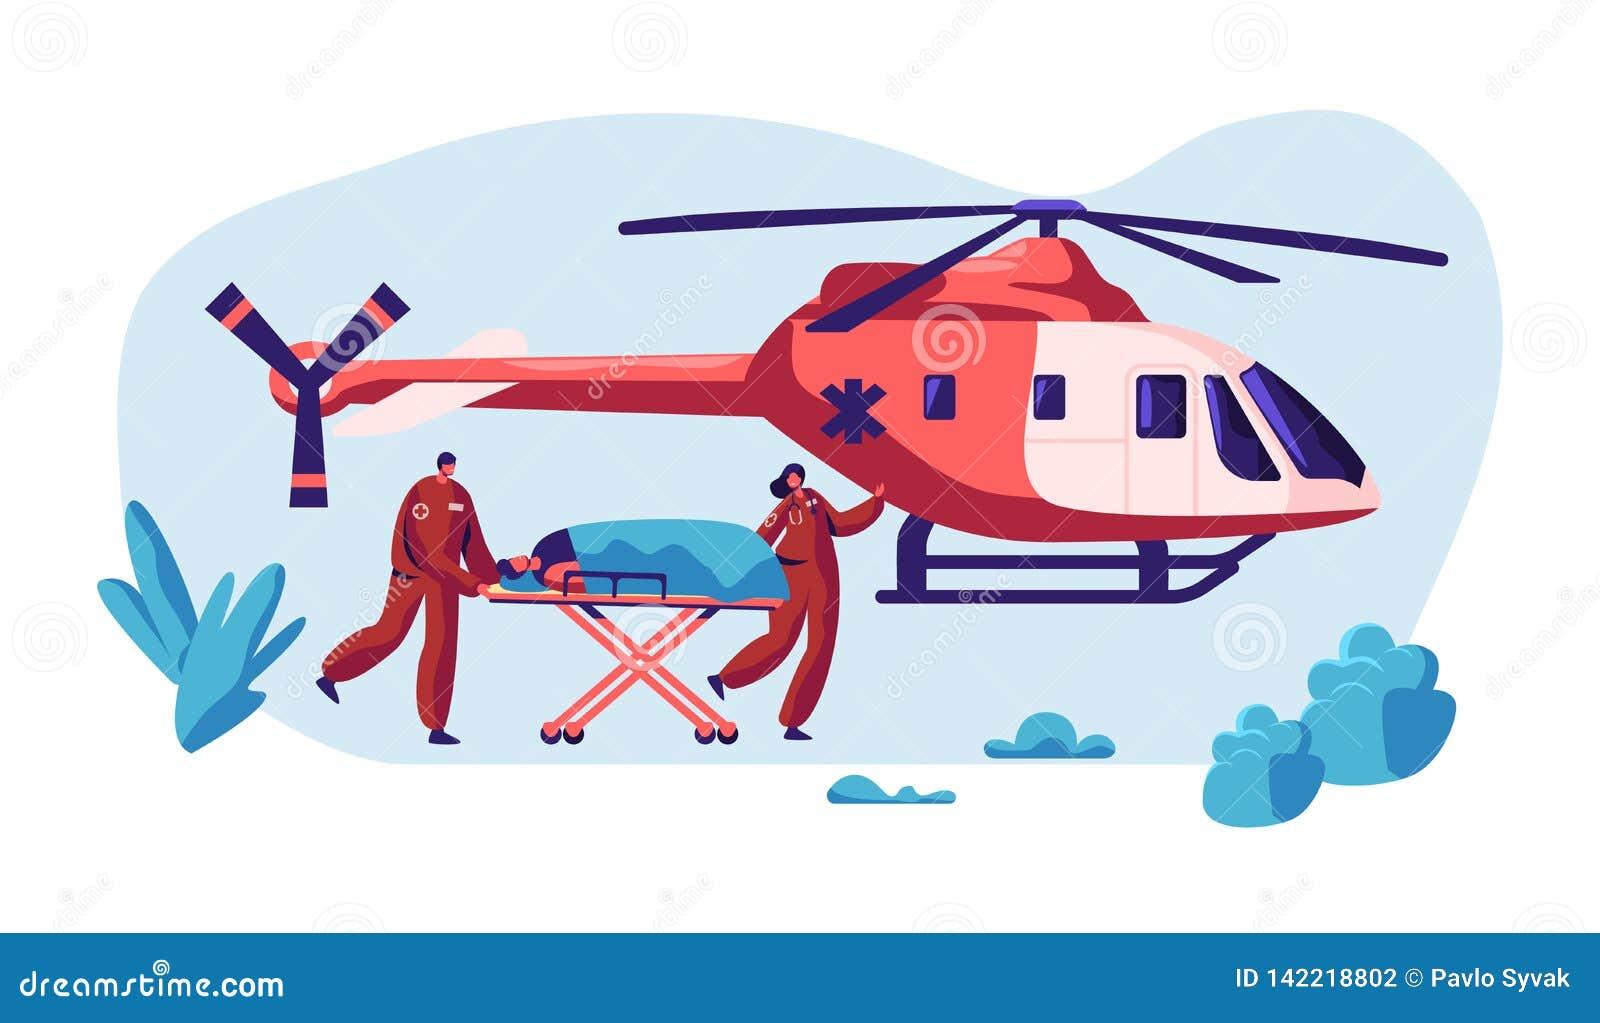 Berufsmedizin-Rettung Sanitäter Urgency Injured Character durch Hubschrauber zum Krankenhaus für Gesundheitswesen Hubschrauber-sc